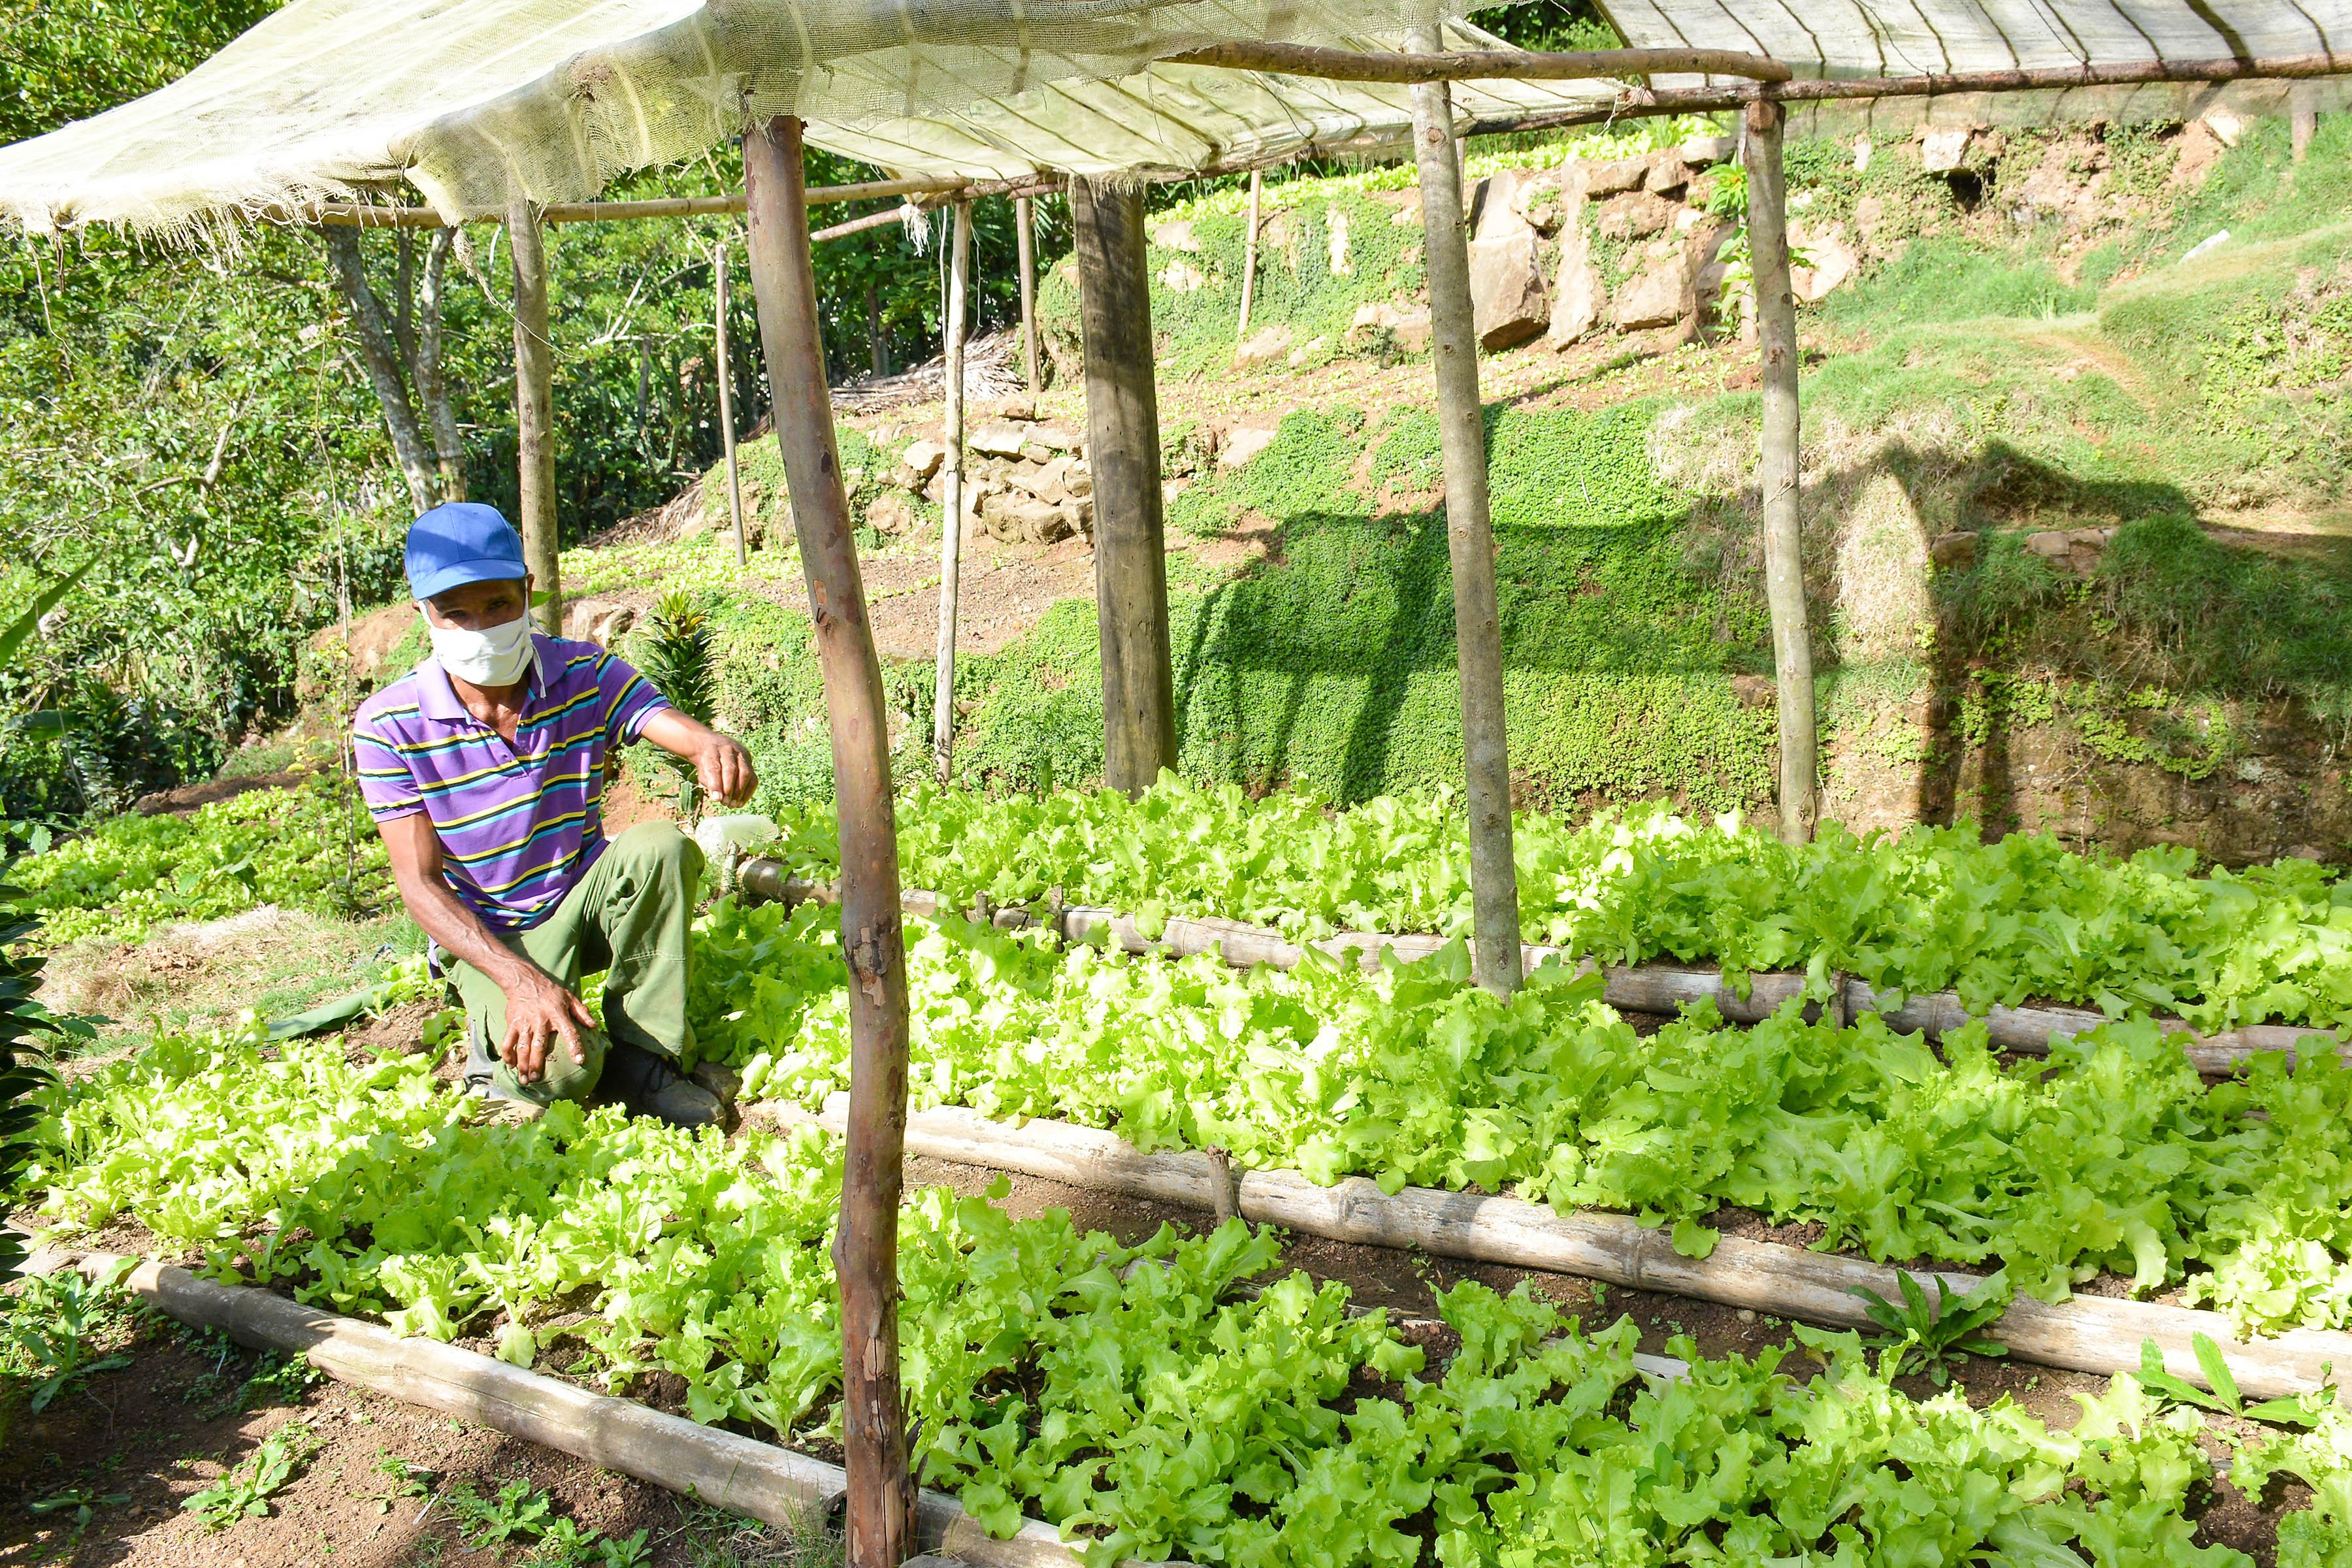 Al rescate de la producción en patios y parcelas